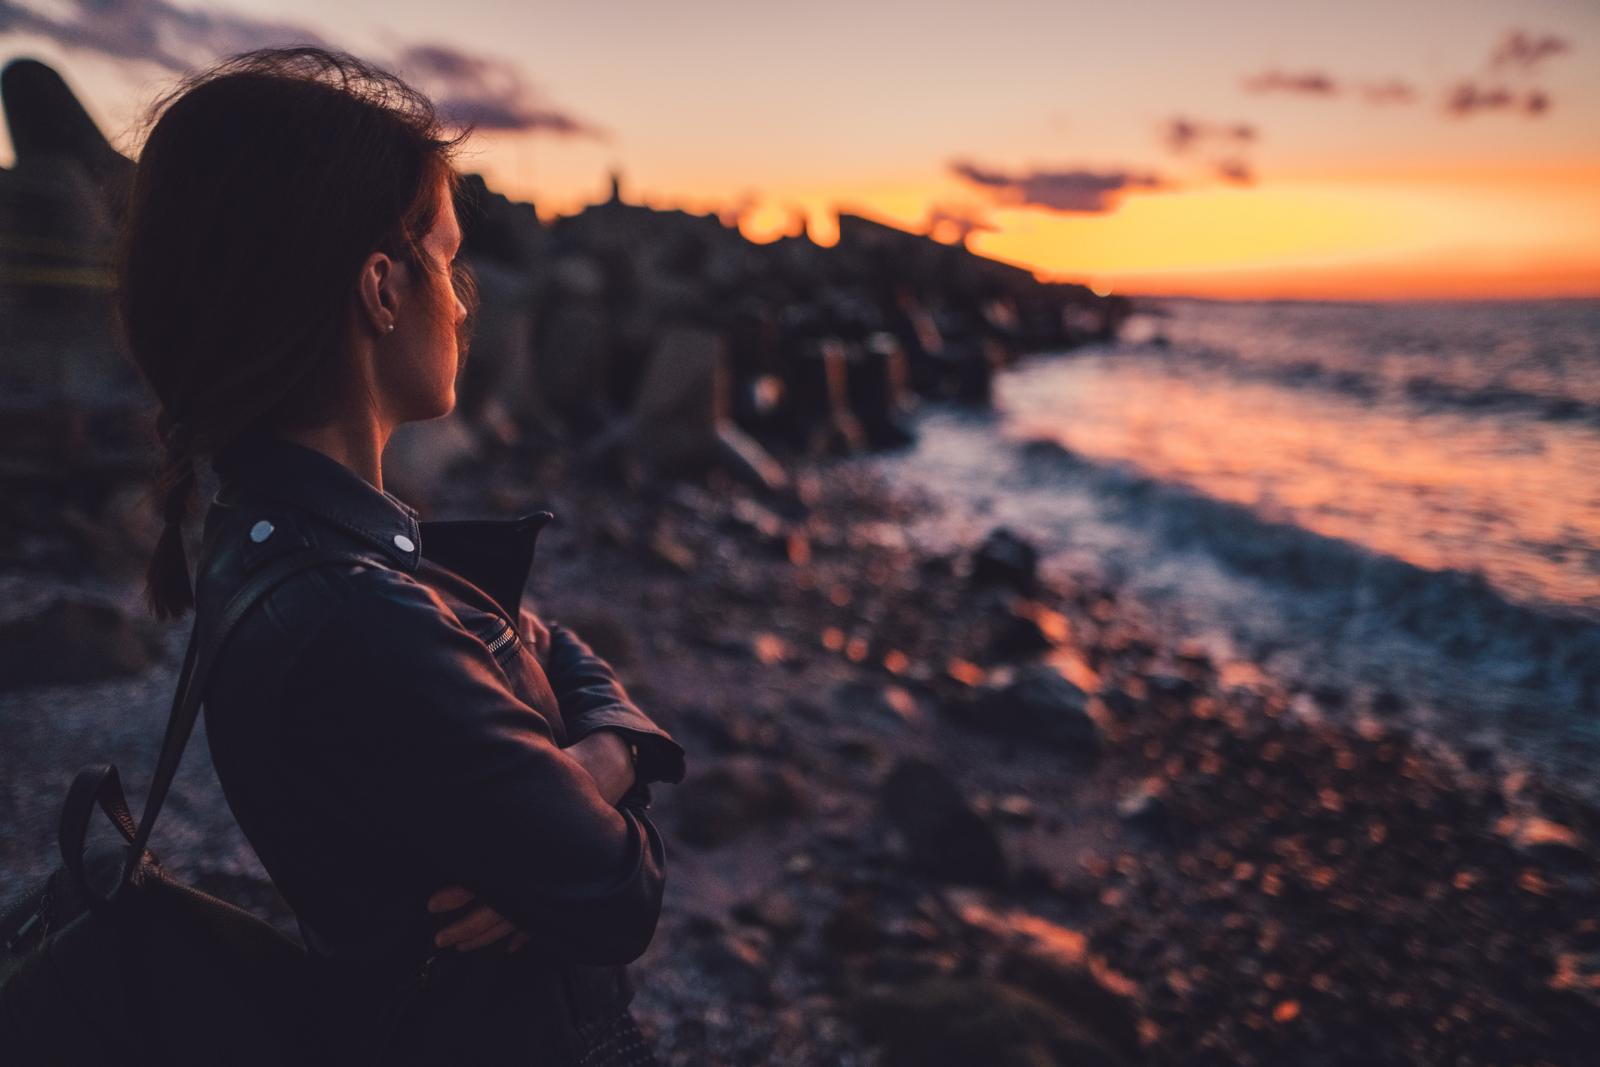 Živite za sebe i svoju sreću. Nemojte život trošiti na nešto što ne volite.